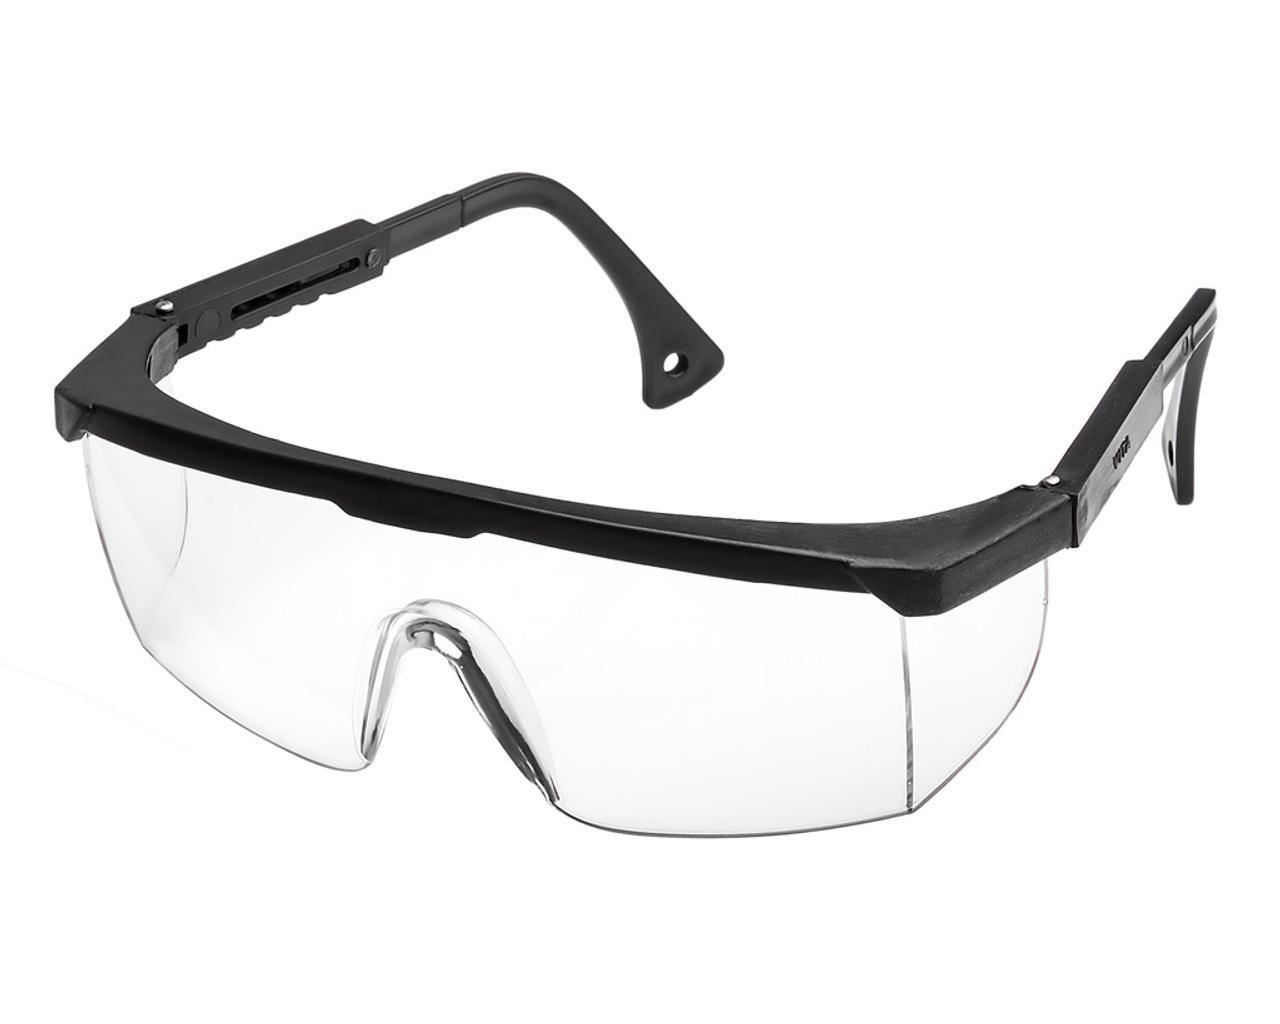 Очки защитные Комфорт линза прозрачная